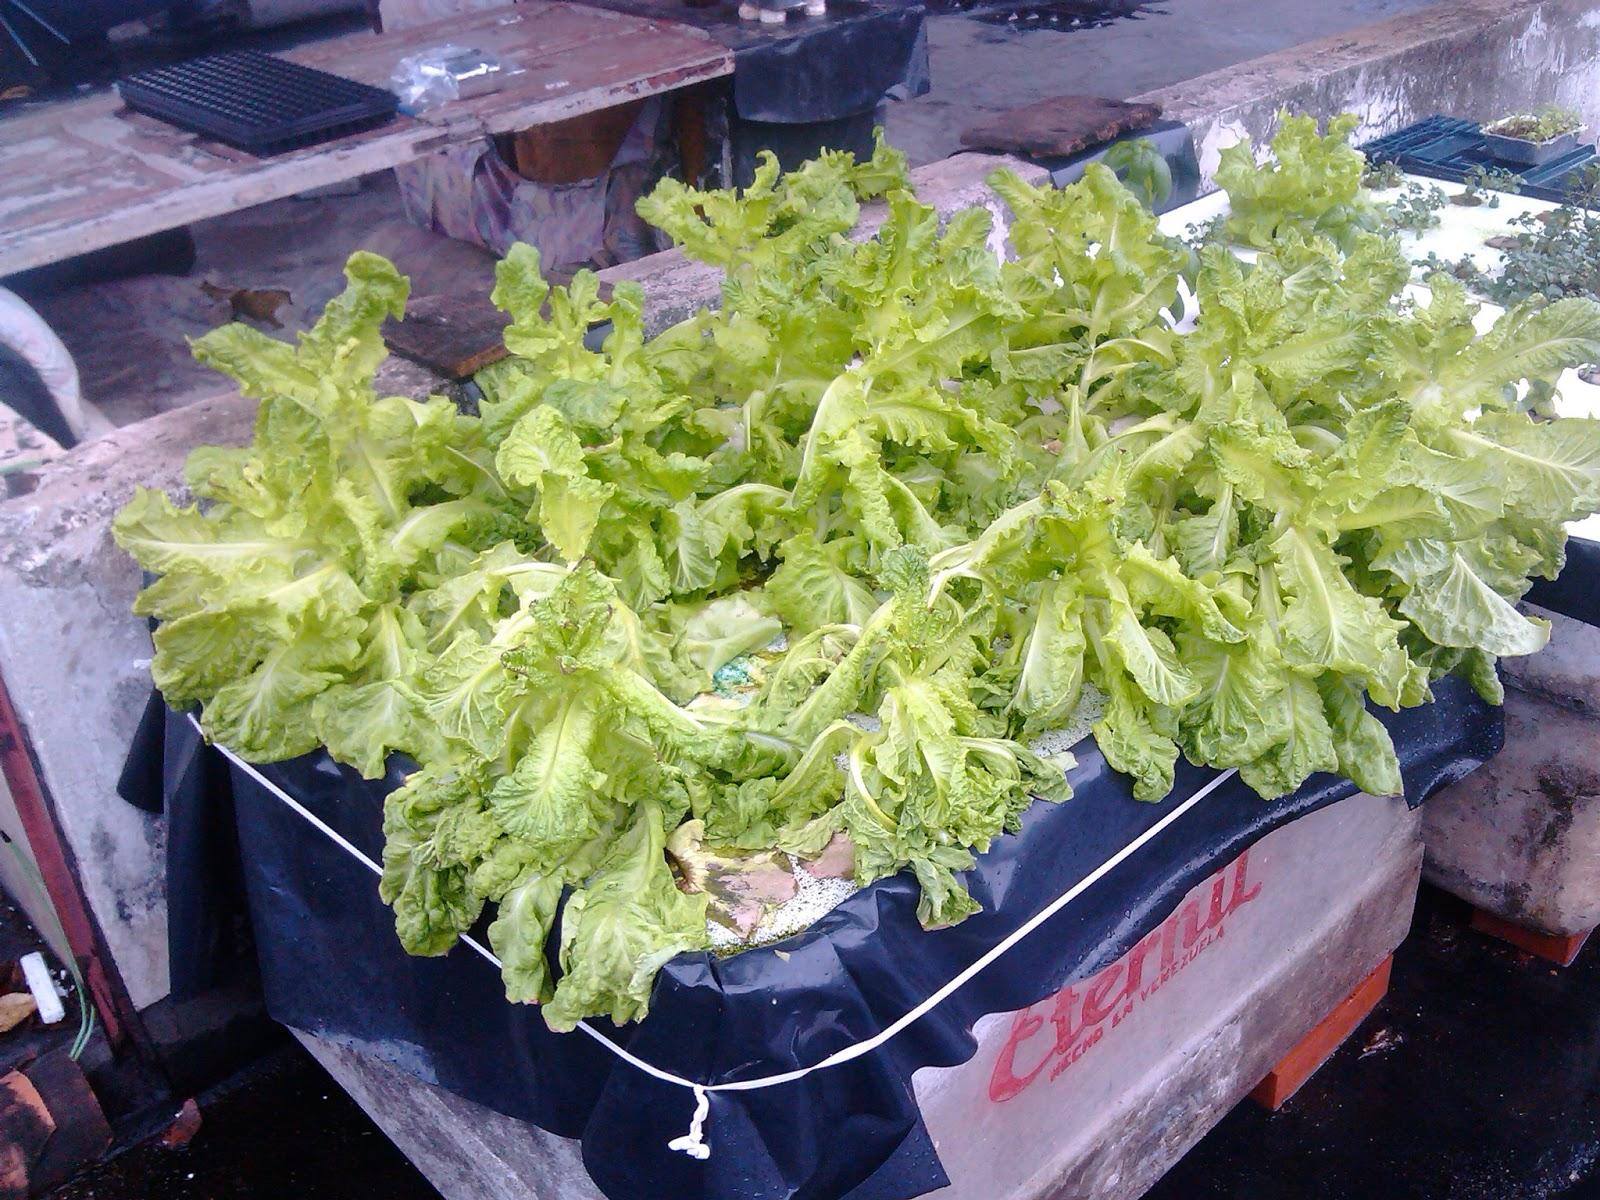 Hidroponia y horticultura en casa mayo 2013 for Imagenes de hidroponia